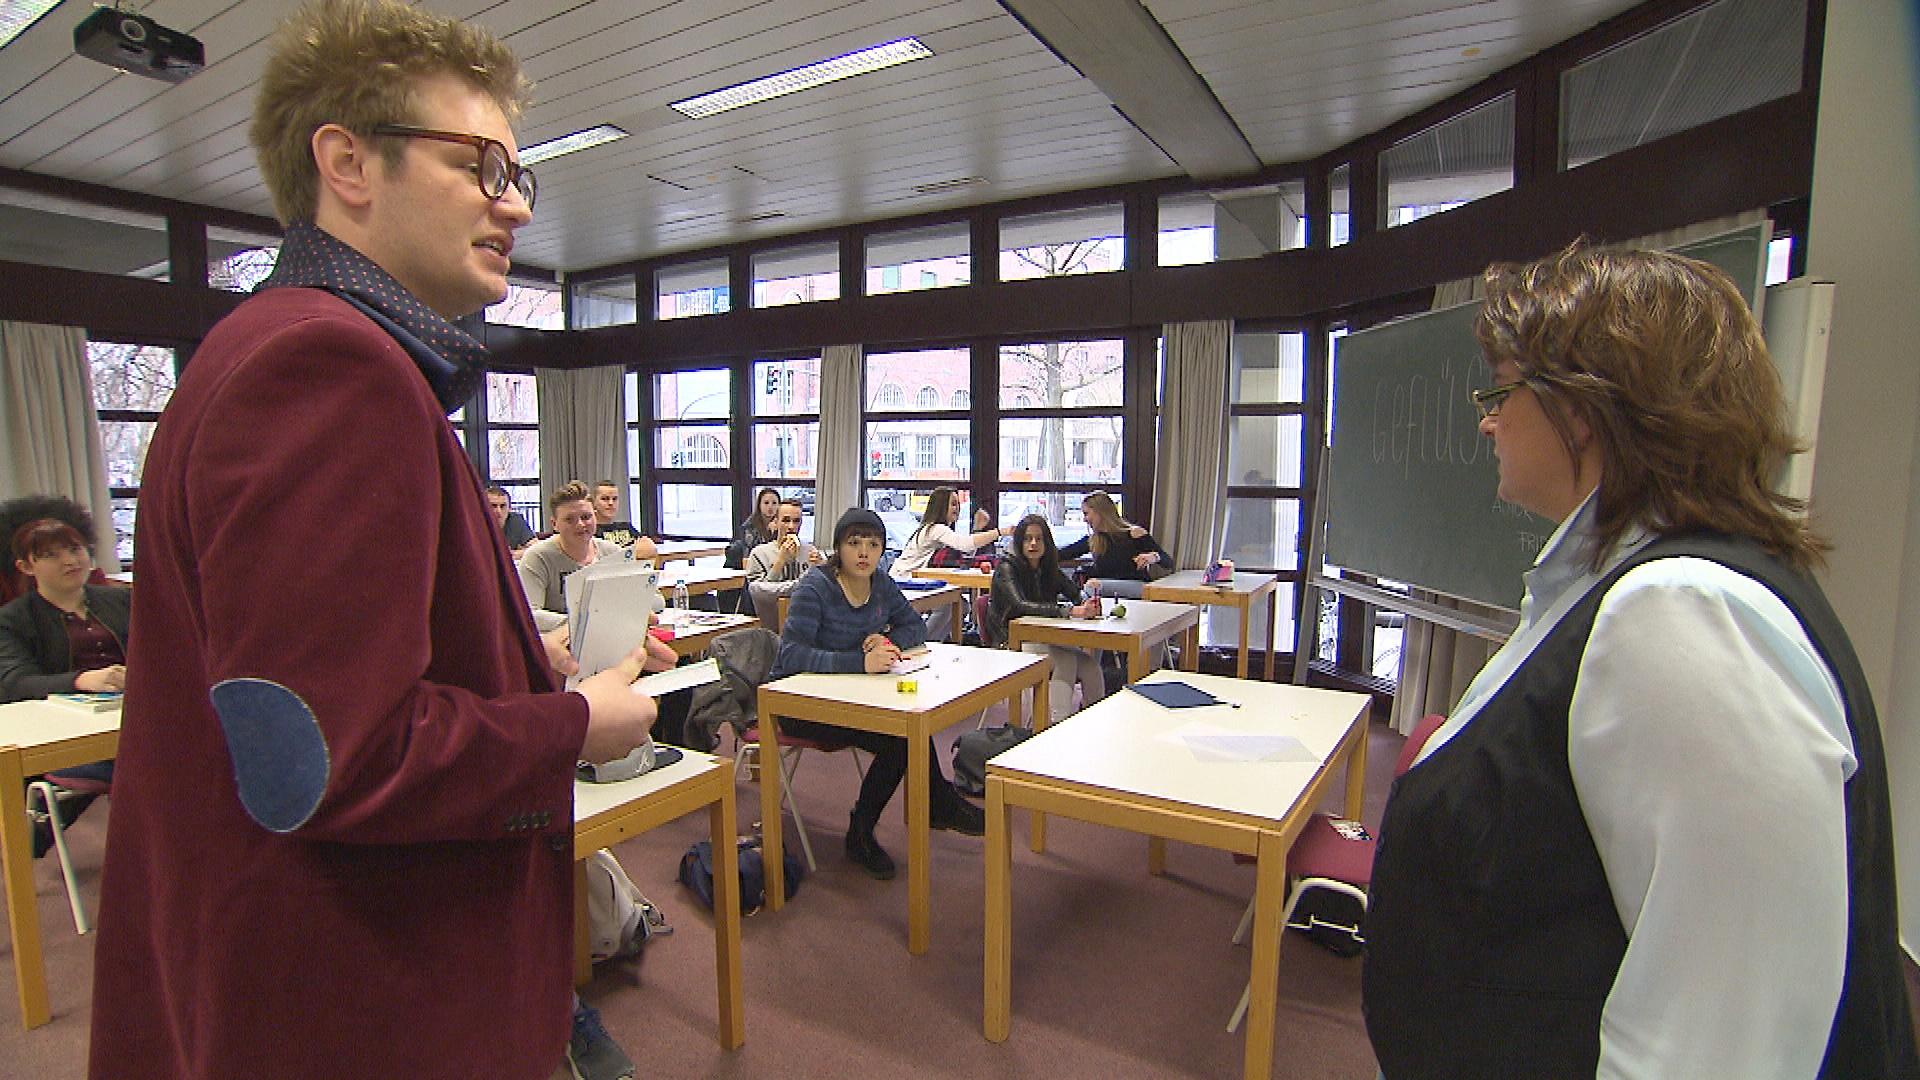 Ole,li., mischt sich in Aylins,Mi., Schulprojekt ein. Lehrerin re (Quelle: RTL 2)